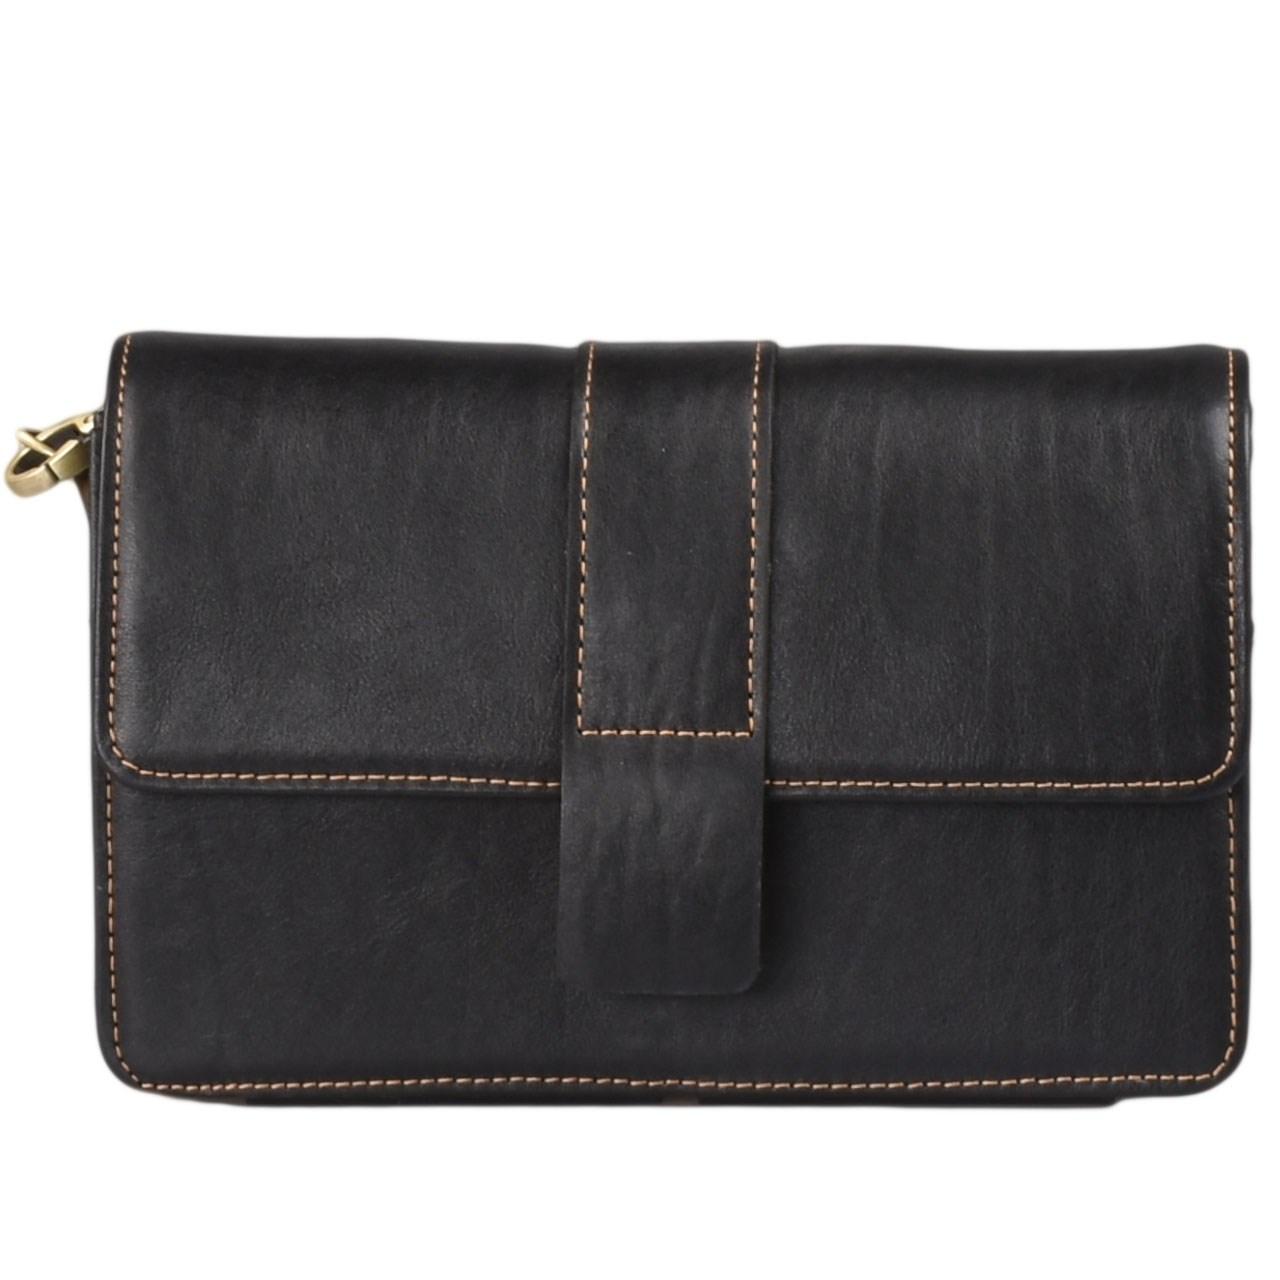 کیف دستی چرم طبیعی کهن چرم مدل DB27-1